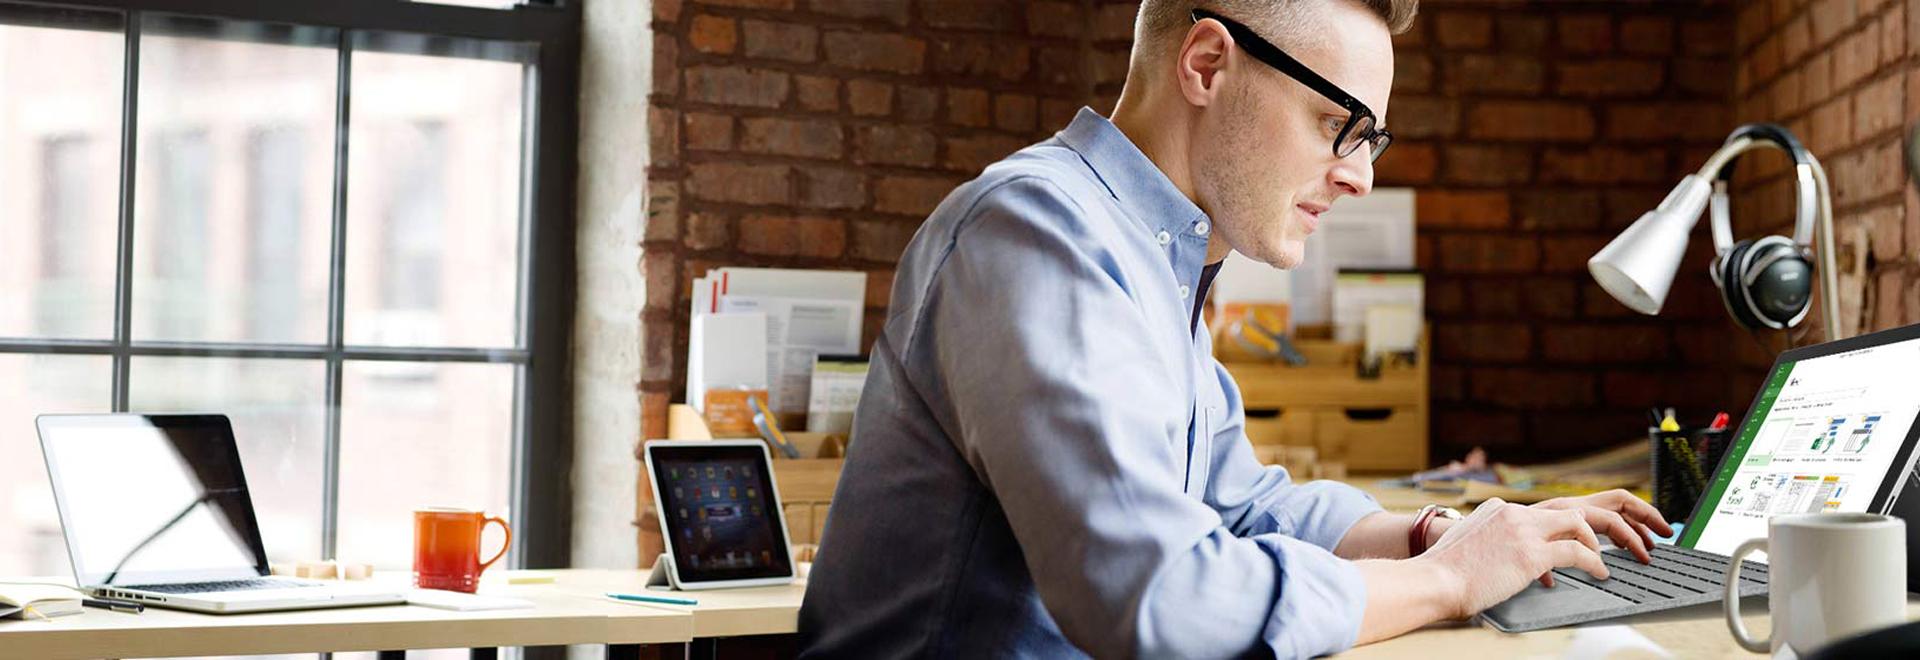 一位男士坐在办公桌前,正在 Surface 平板电脑上使用 Microsoft Project 进行工作。